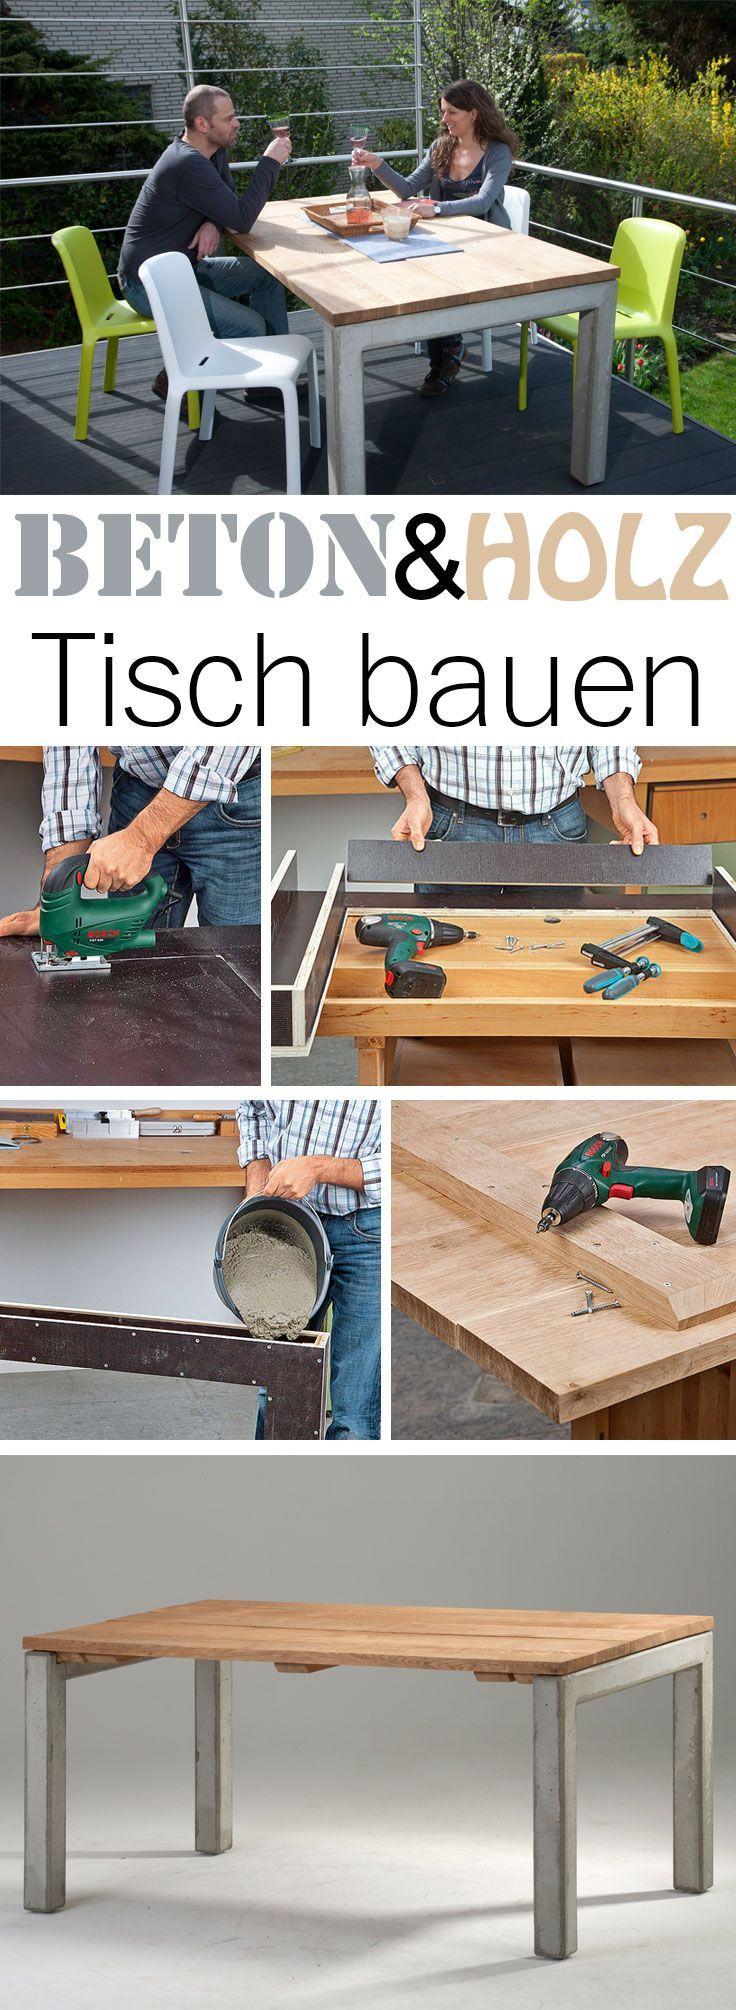 Beton-Esstisch | Tisch bauen, Möbel aus beton und Deko aus beton